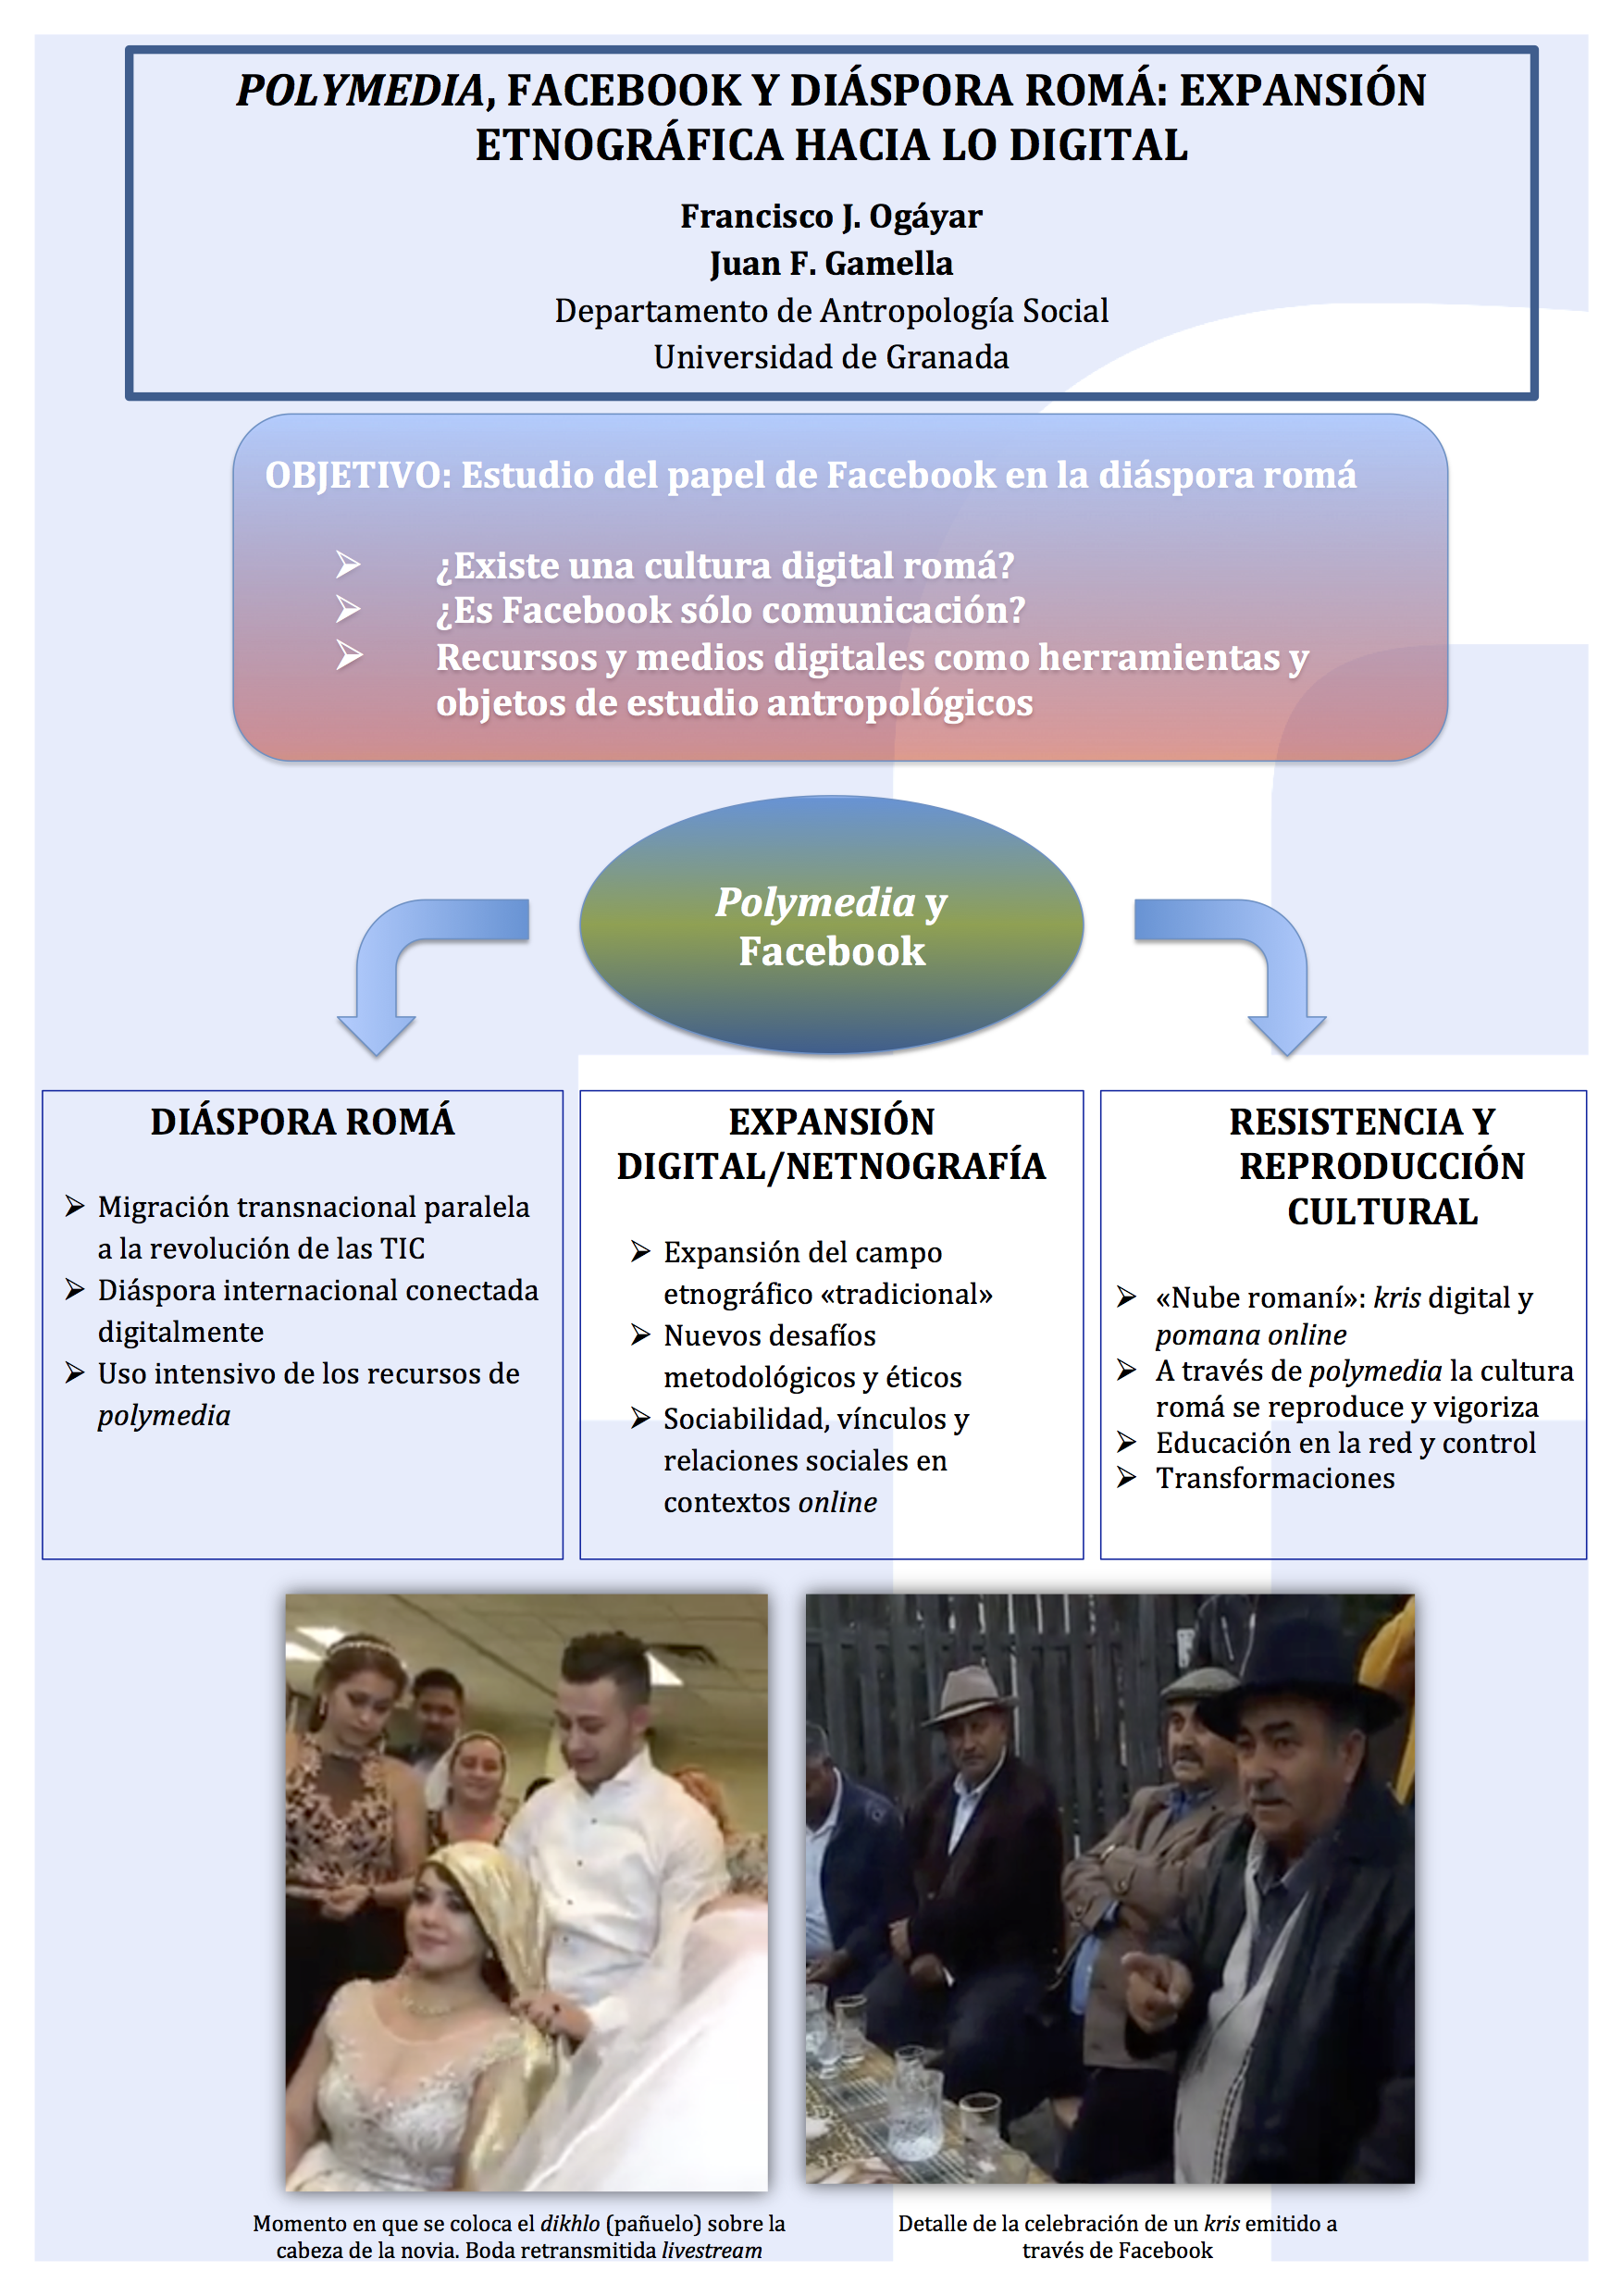 Polymedia, Facebook y diáspora romá: expansión etnográfica hacialo digital